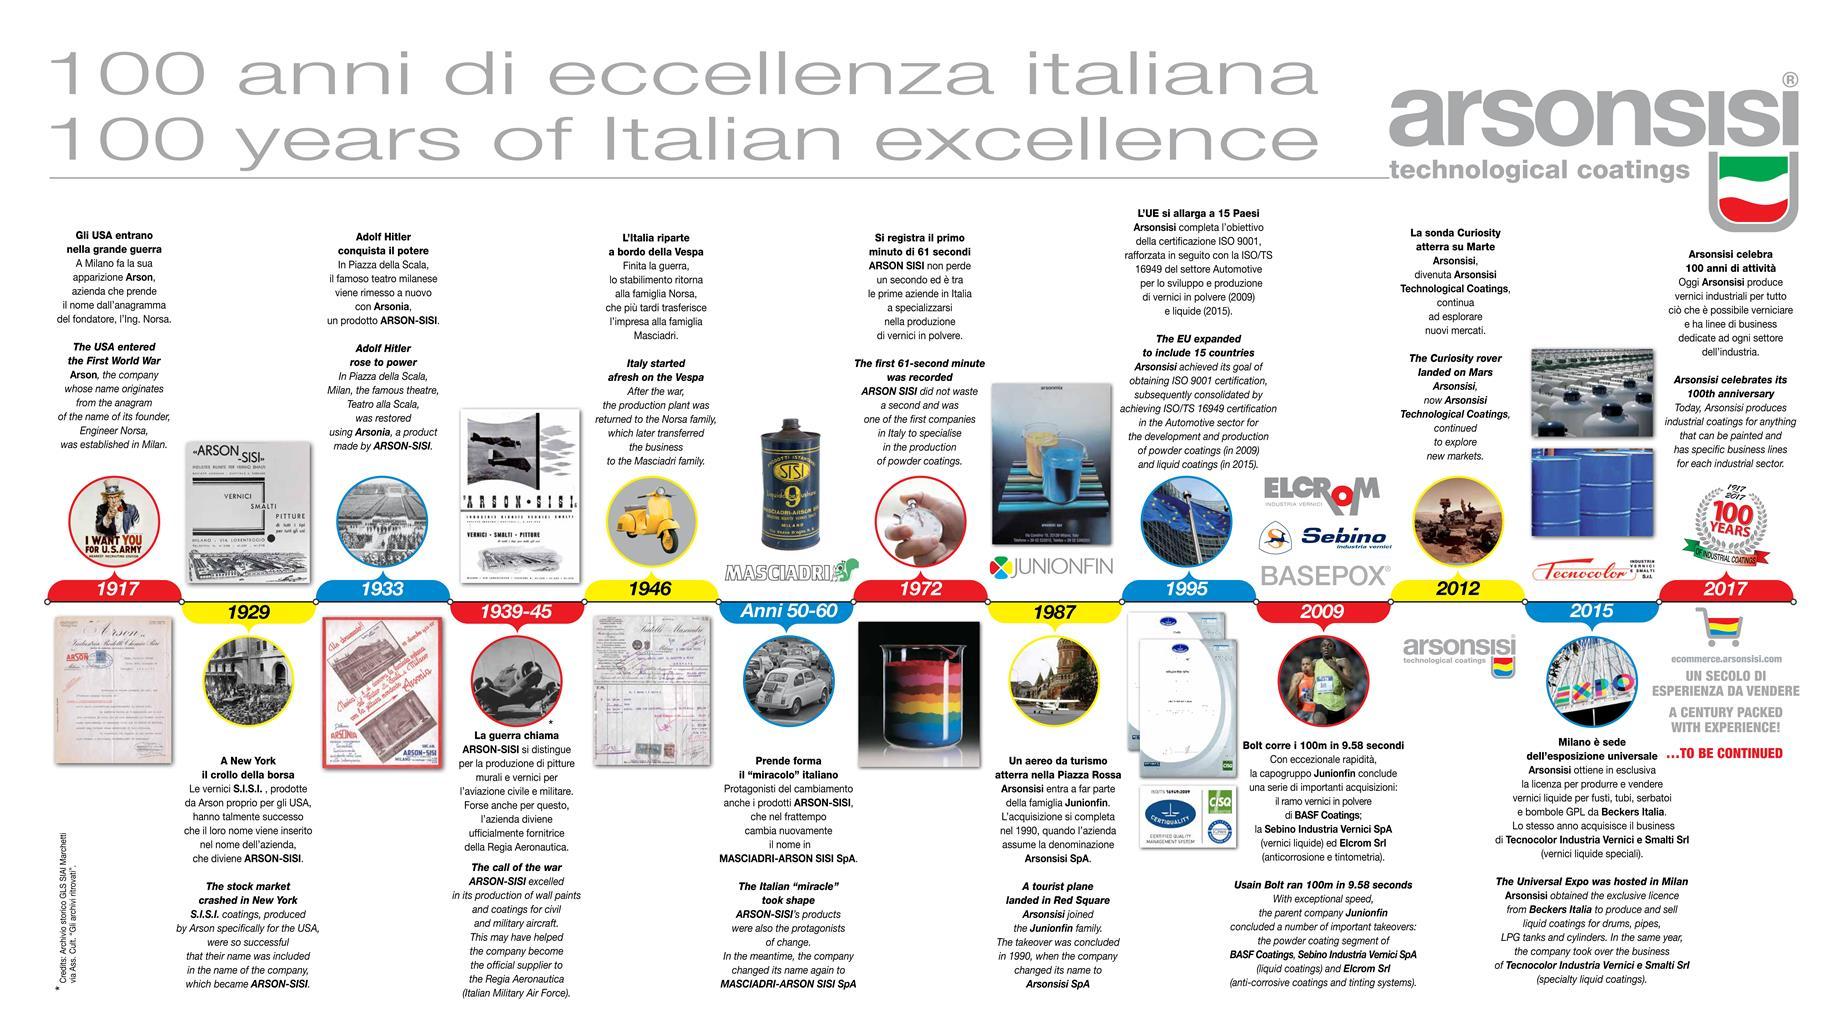 100 anni di eccellenza italiana